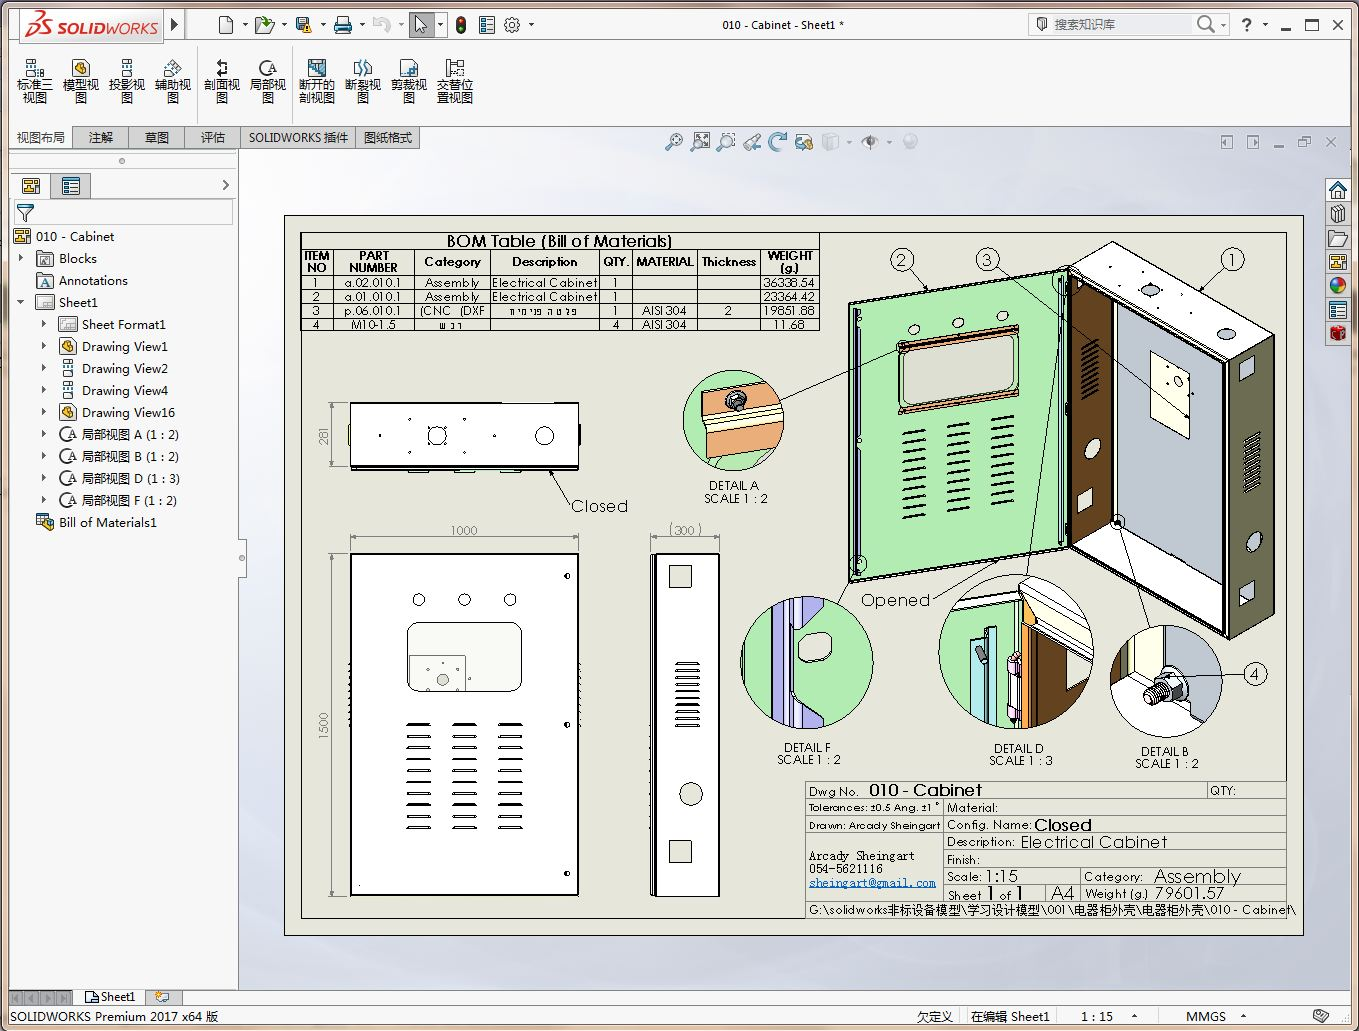 电器柜外壳钣金结构3D图纸 Solidworoks设计 附工程图